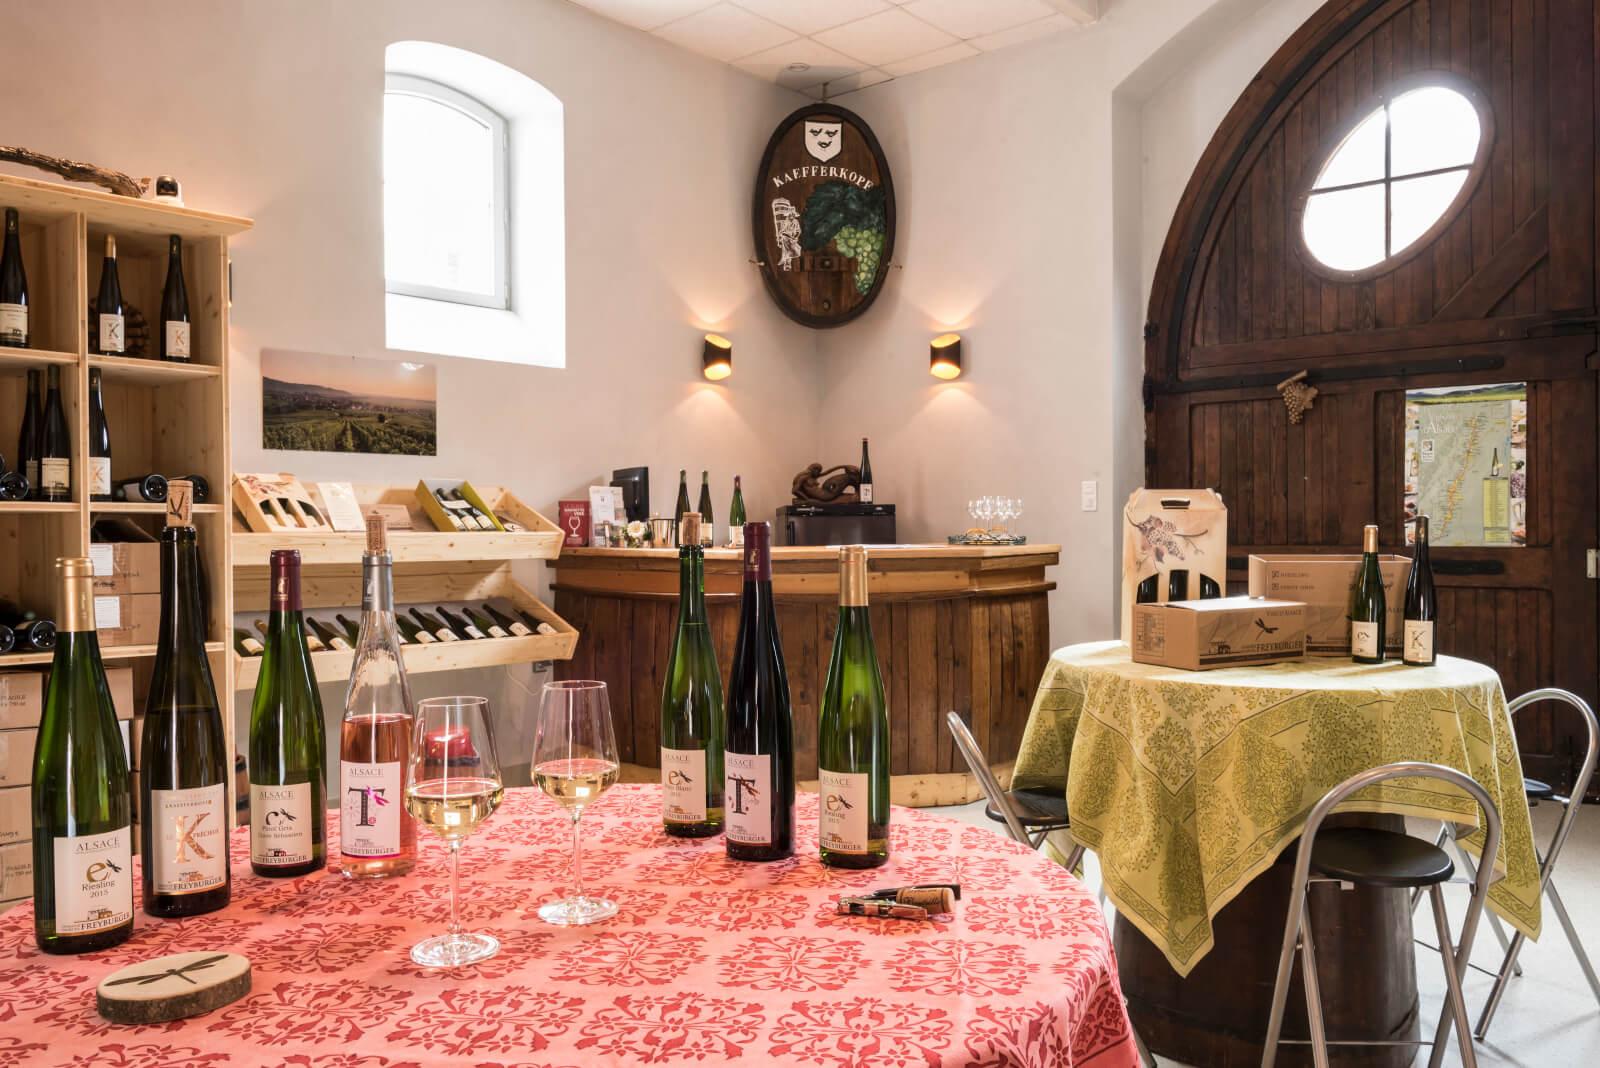 Apéro gourmand chez le vigneron - Freyburger